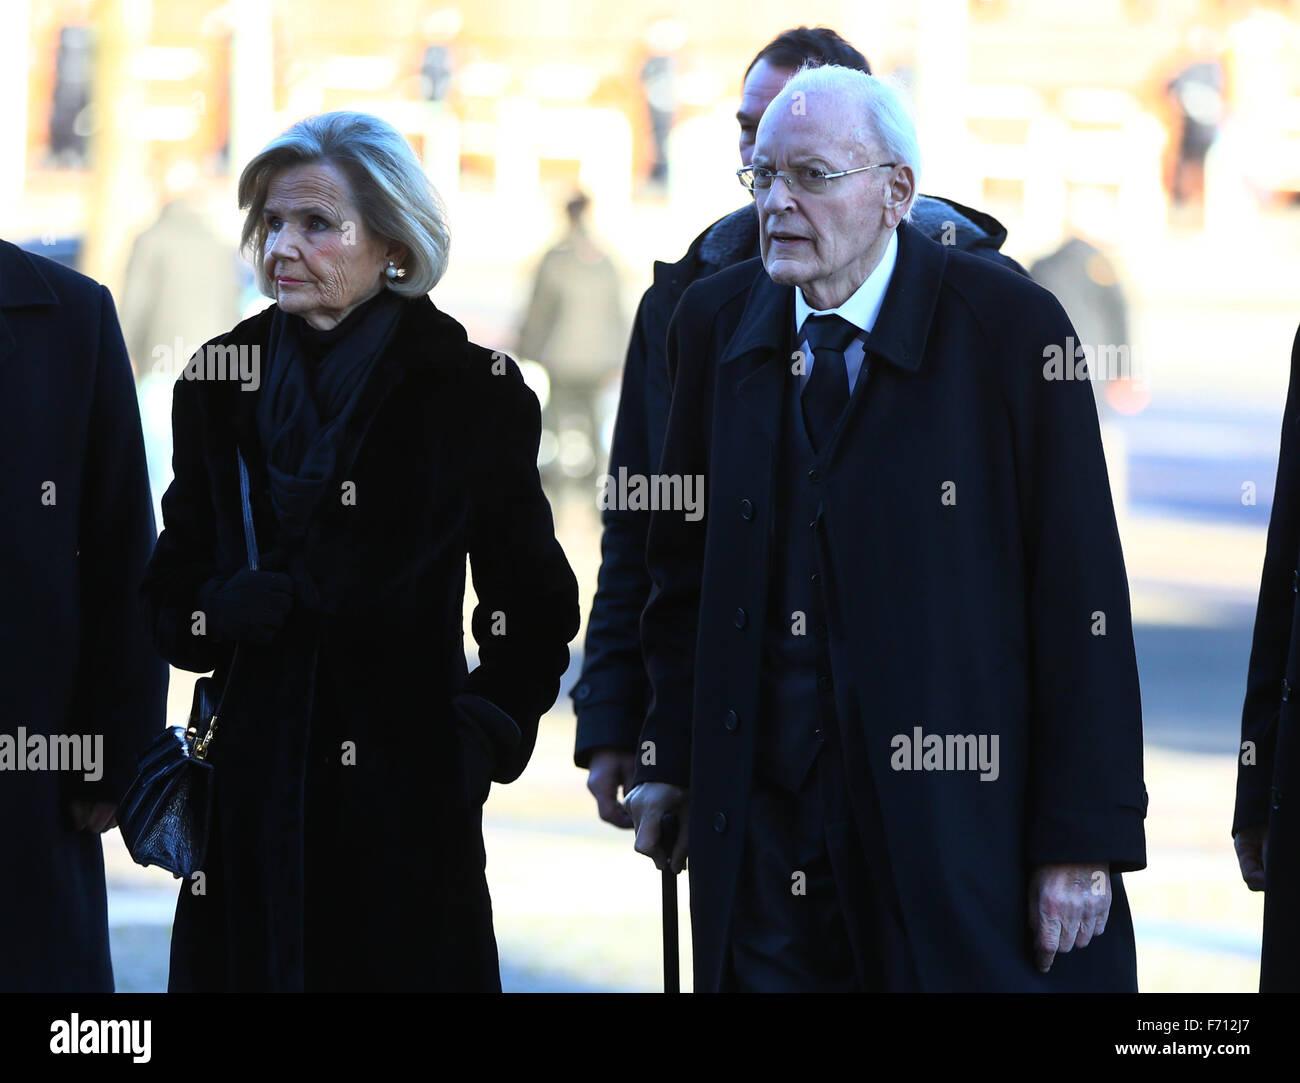 Hambourg, Allemagne. 23 Nov, 2015. L'ancien président allemand Roman Herzog et femme Alexandra Freifrau arriver aux funérailles d'état pour l'ancien chancelier allemand Helmut Schmidt dans l'église paroissiale Saint Michel à Hambourg, Allemagne, 23 novembre 2015. L'ancien chancelier est mort à 96 à Hambourg. Photo: JENS BUETTNER/DPA/Alamy Live News Banque D'Images